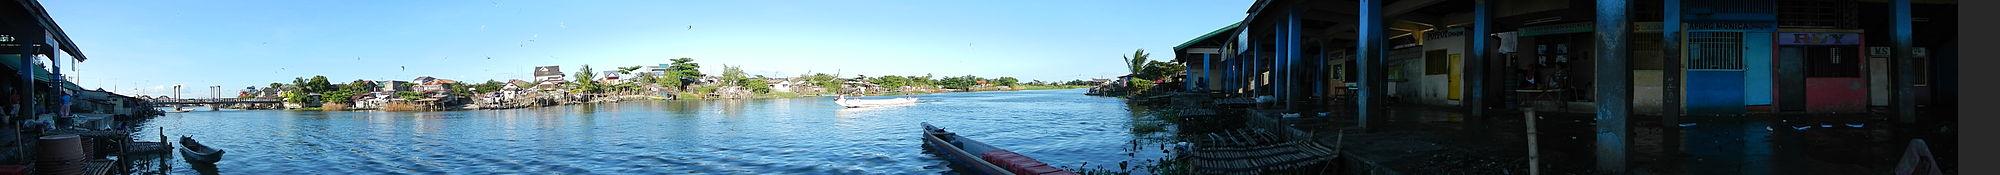 sasmuan pampanga wikipedia